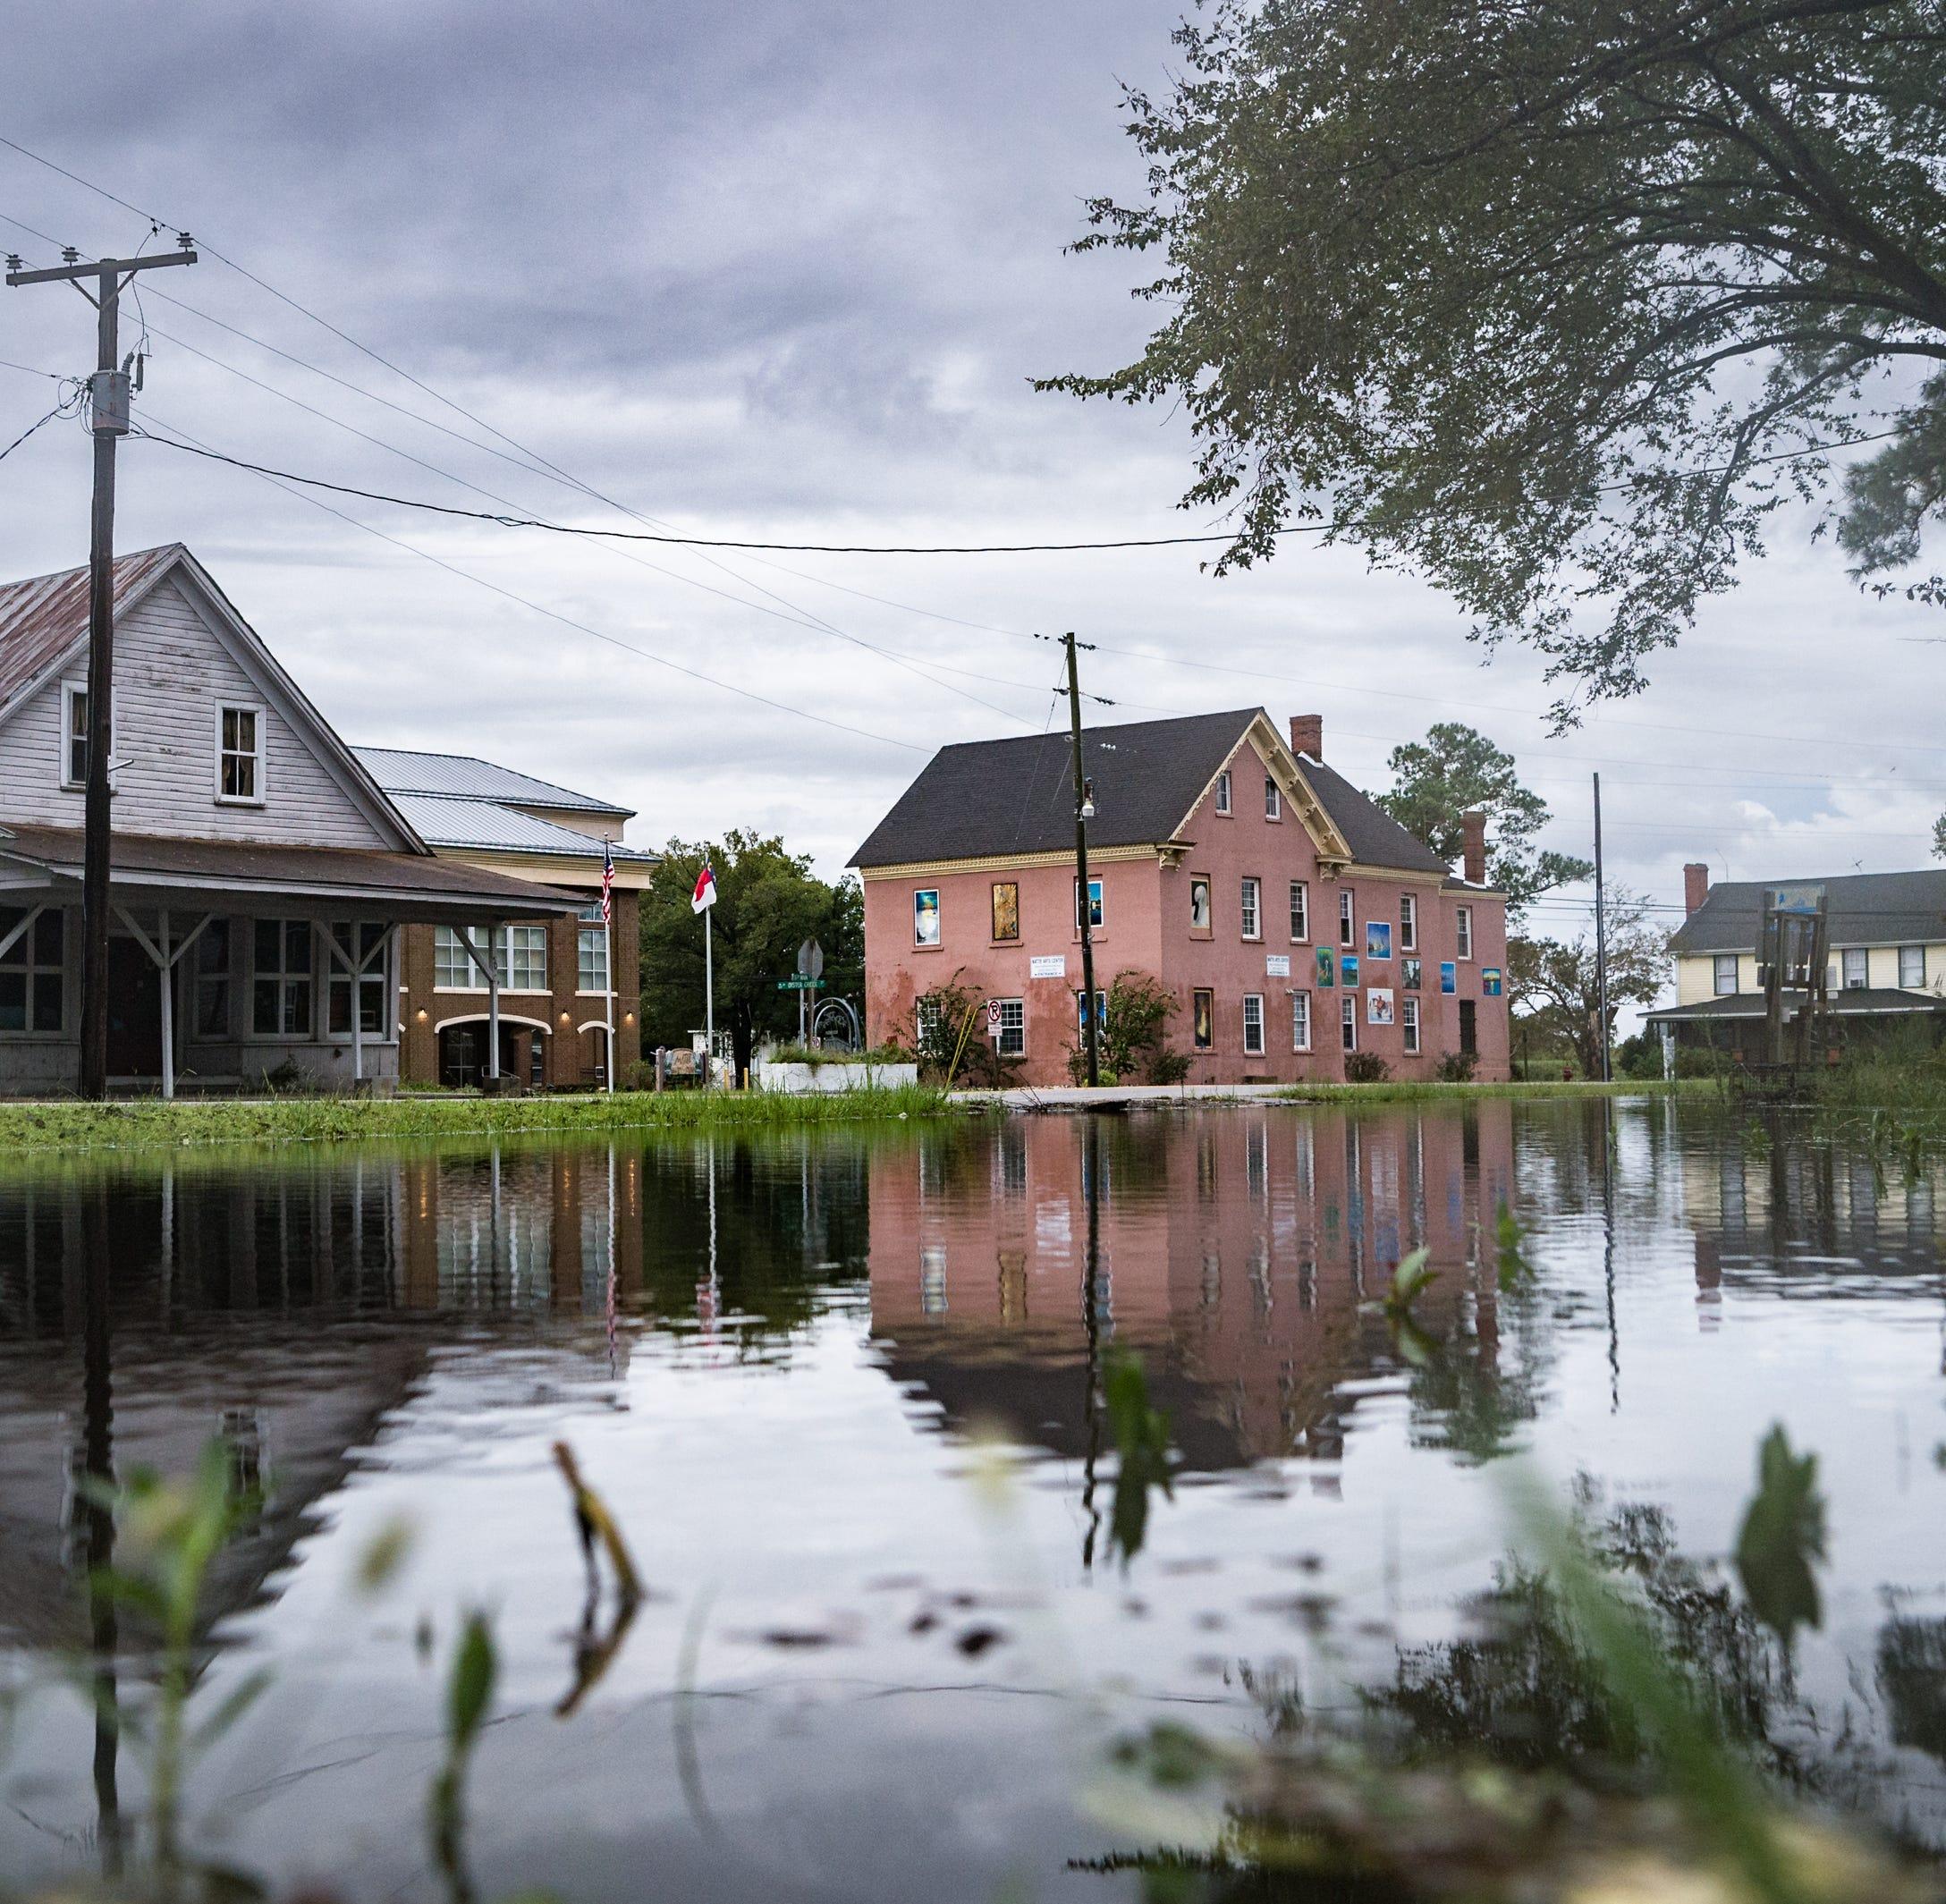 Hurricane Florence claims at least 7, begins westward trek Saturday